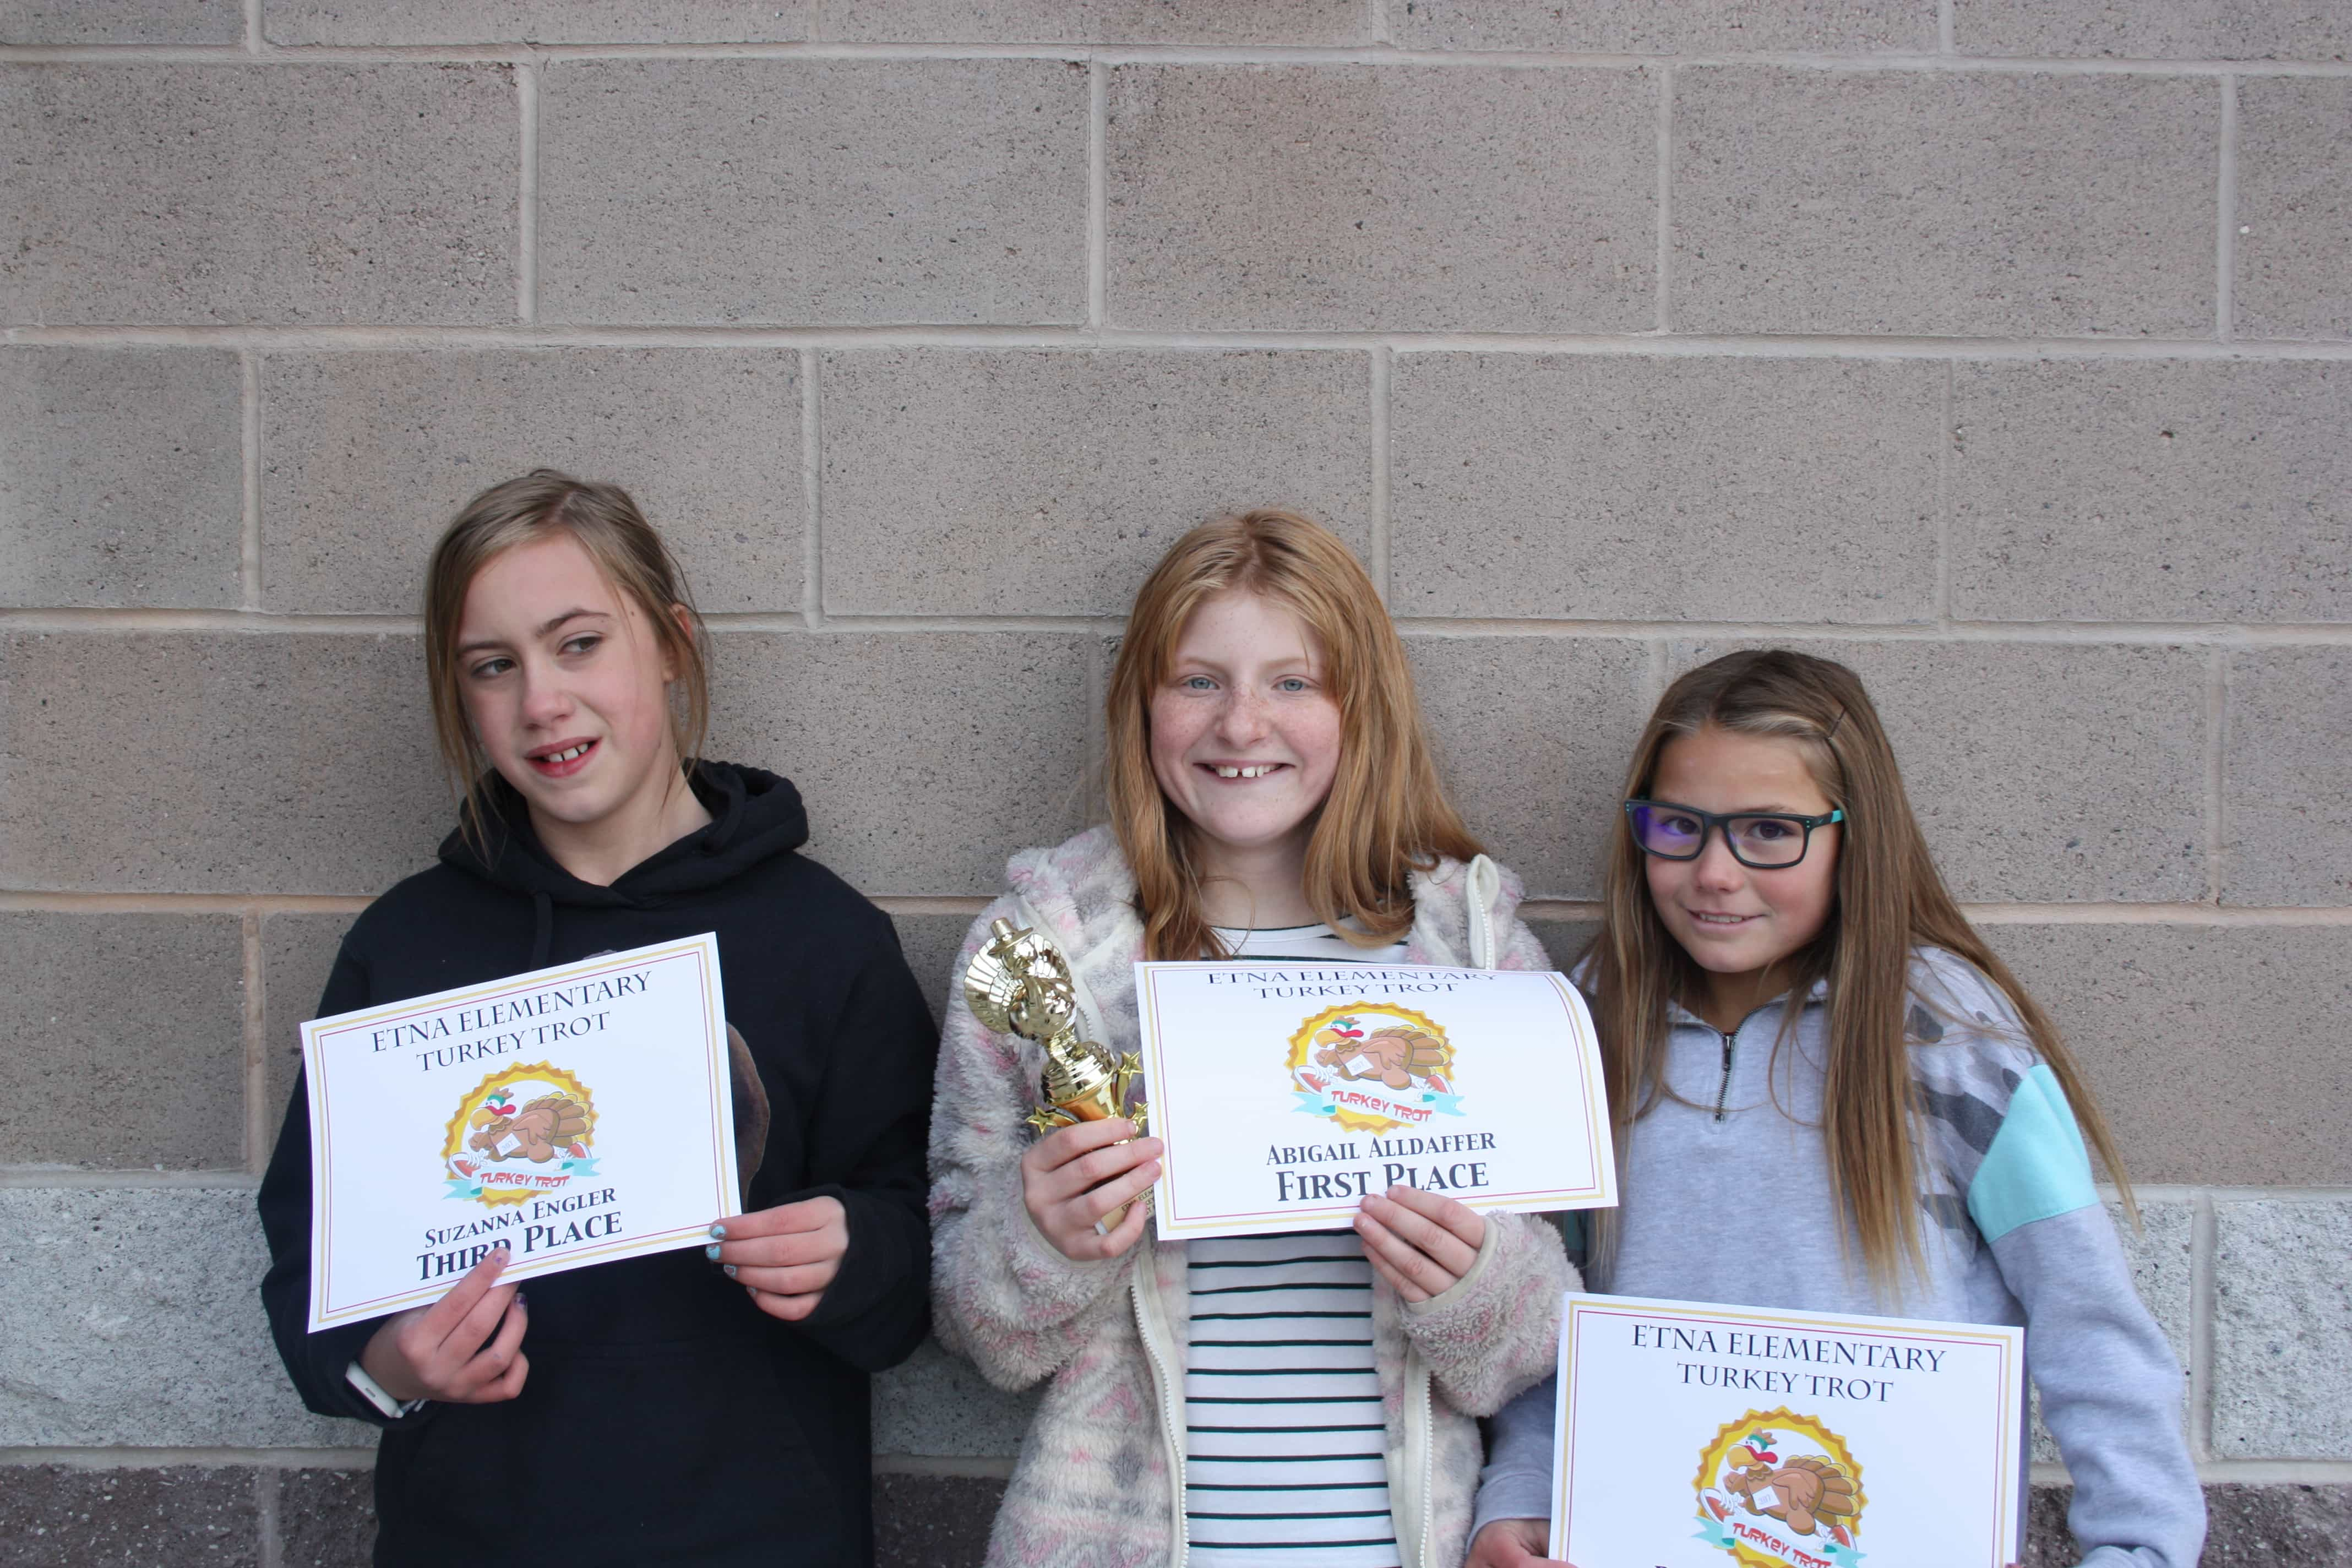 Turkey Trot Winners - Abigail, Ridglynn, Zanna